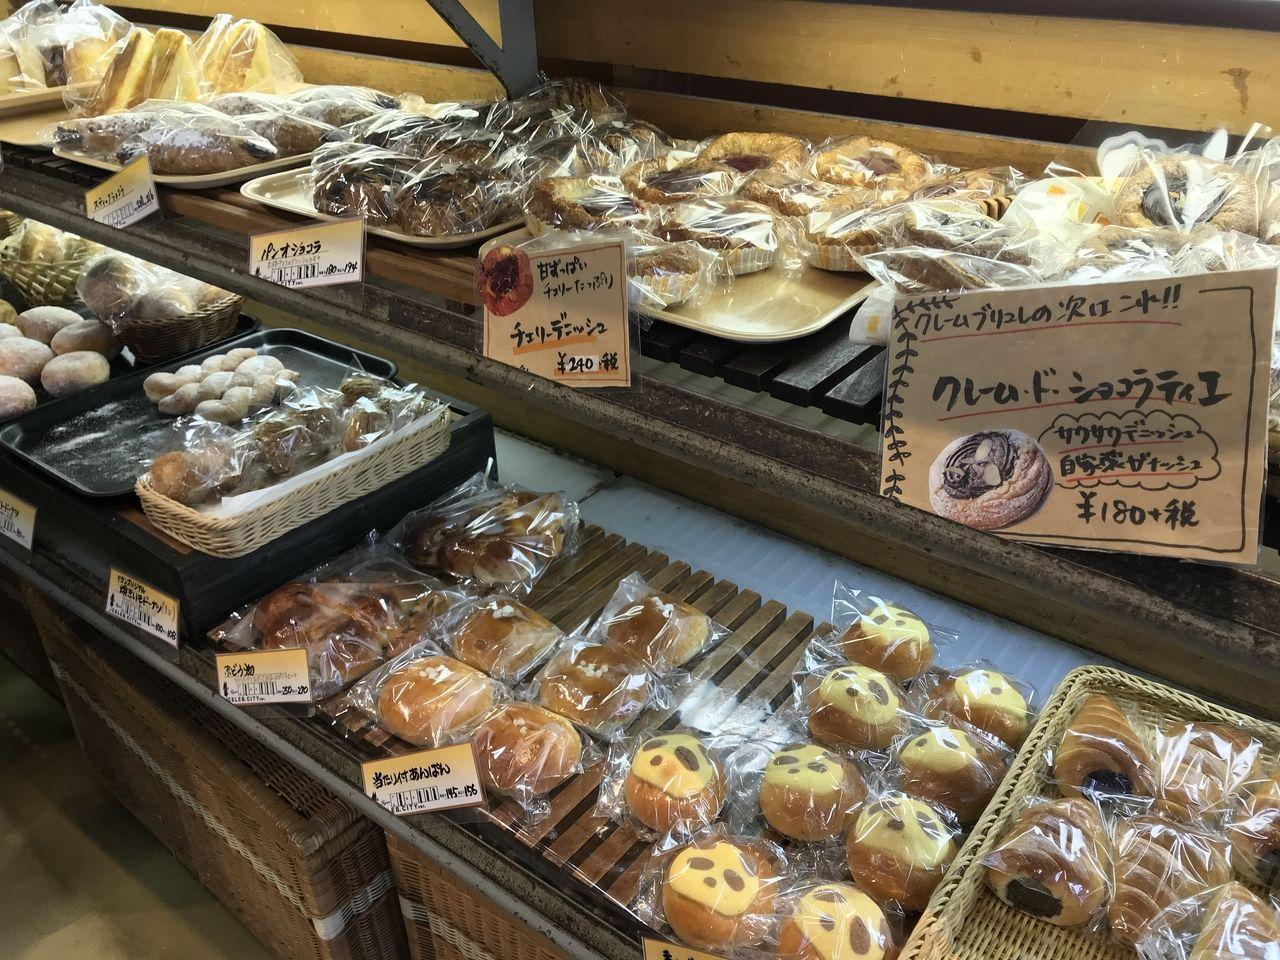 南行徳のリヨンセレブの菓子パン